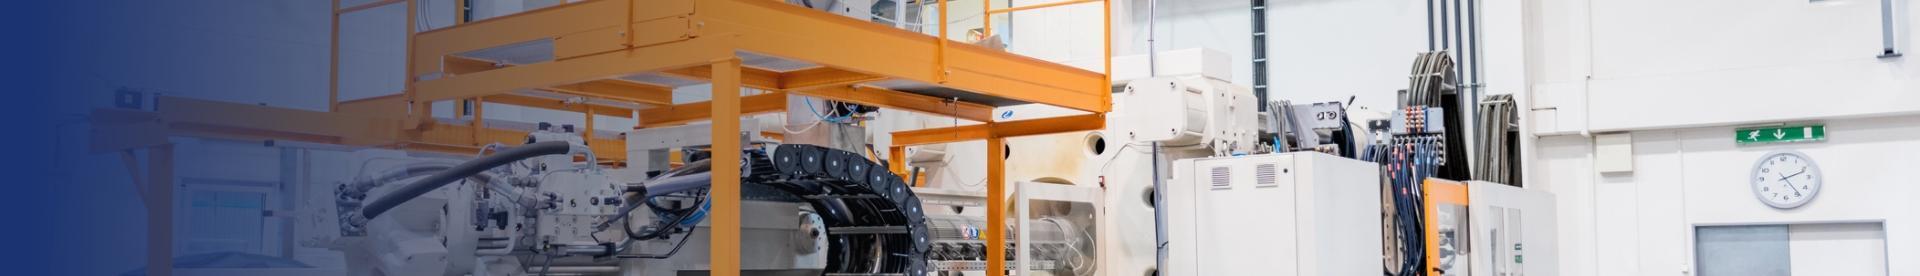 Maszyna produkcyjna z pomarańczowymi schodami